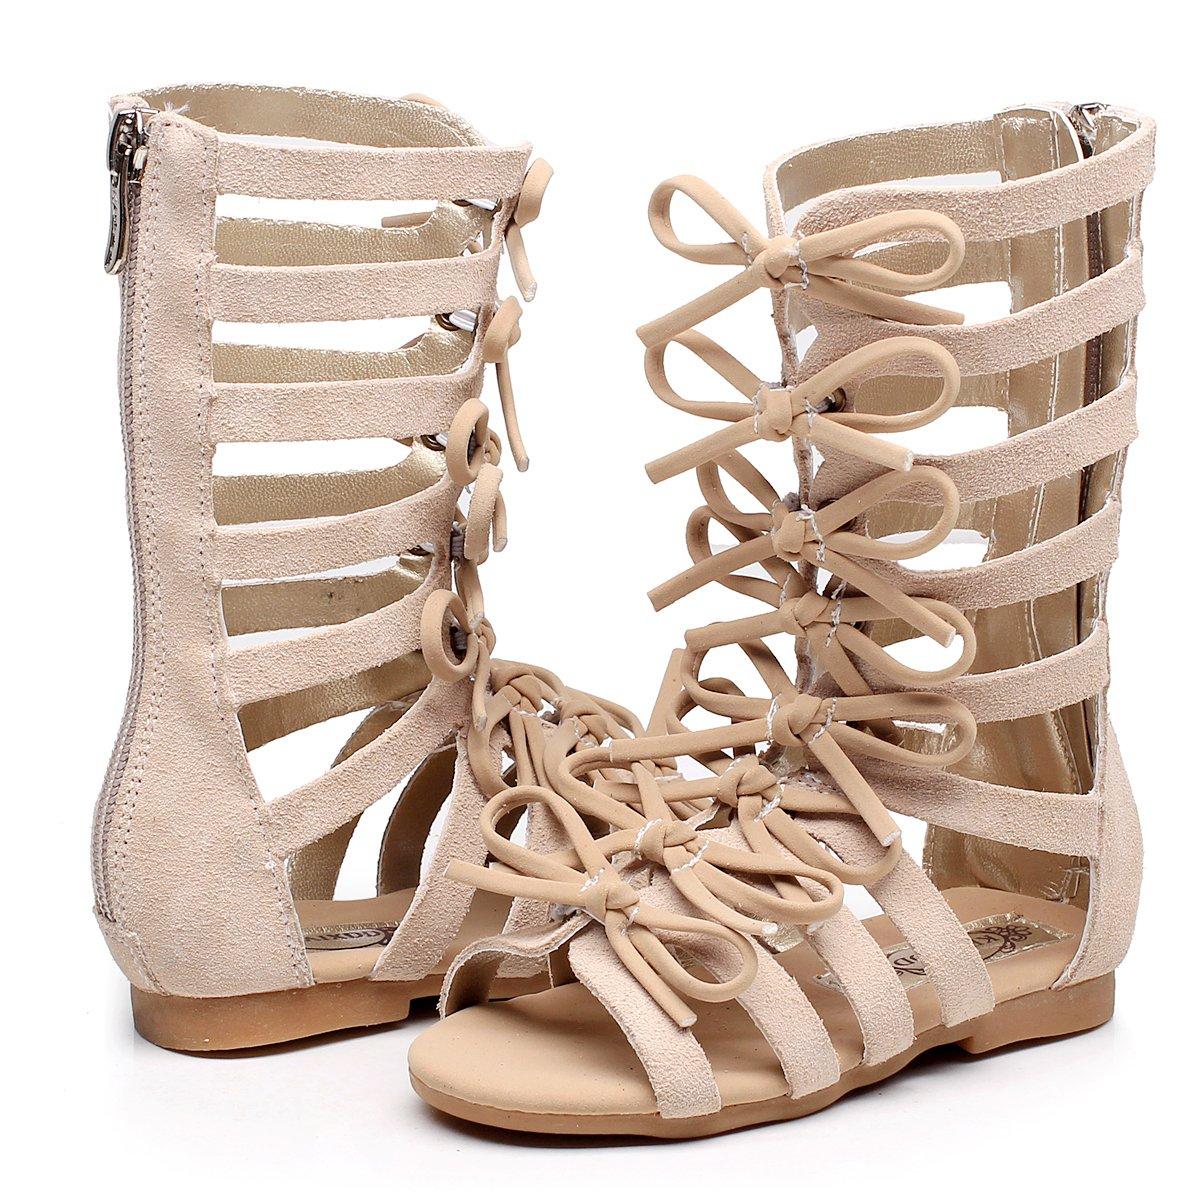 Children Girls Roman Zipper Bowknot Knee-High Gladiator Sandals Summer Boots